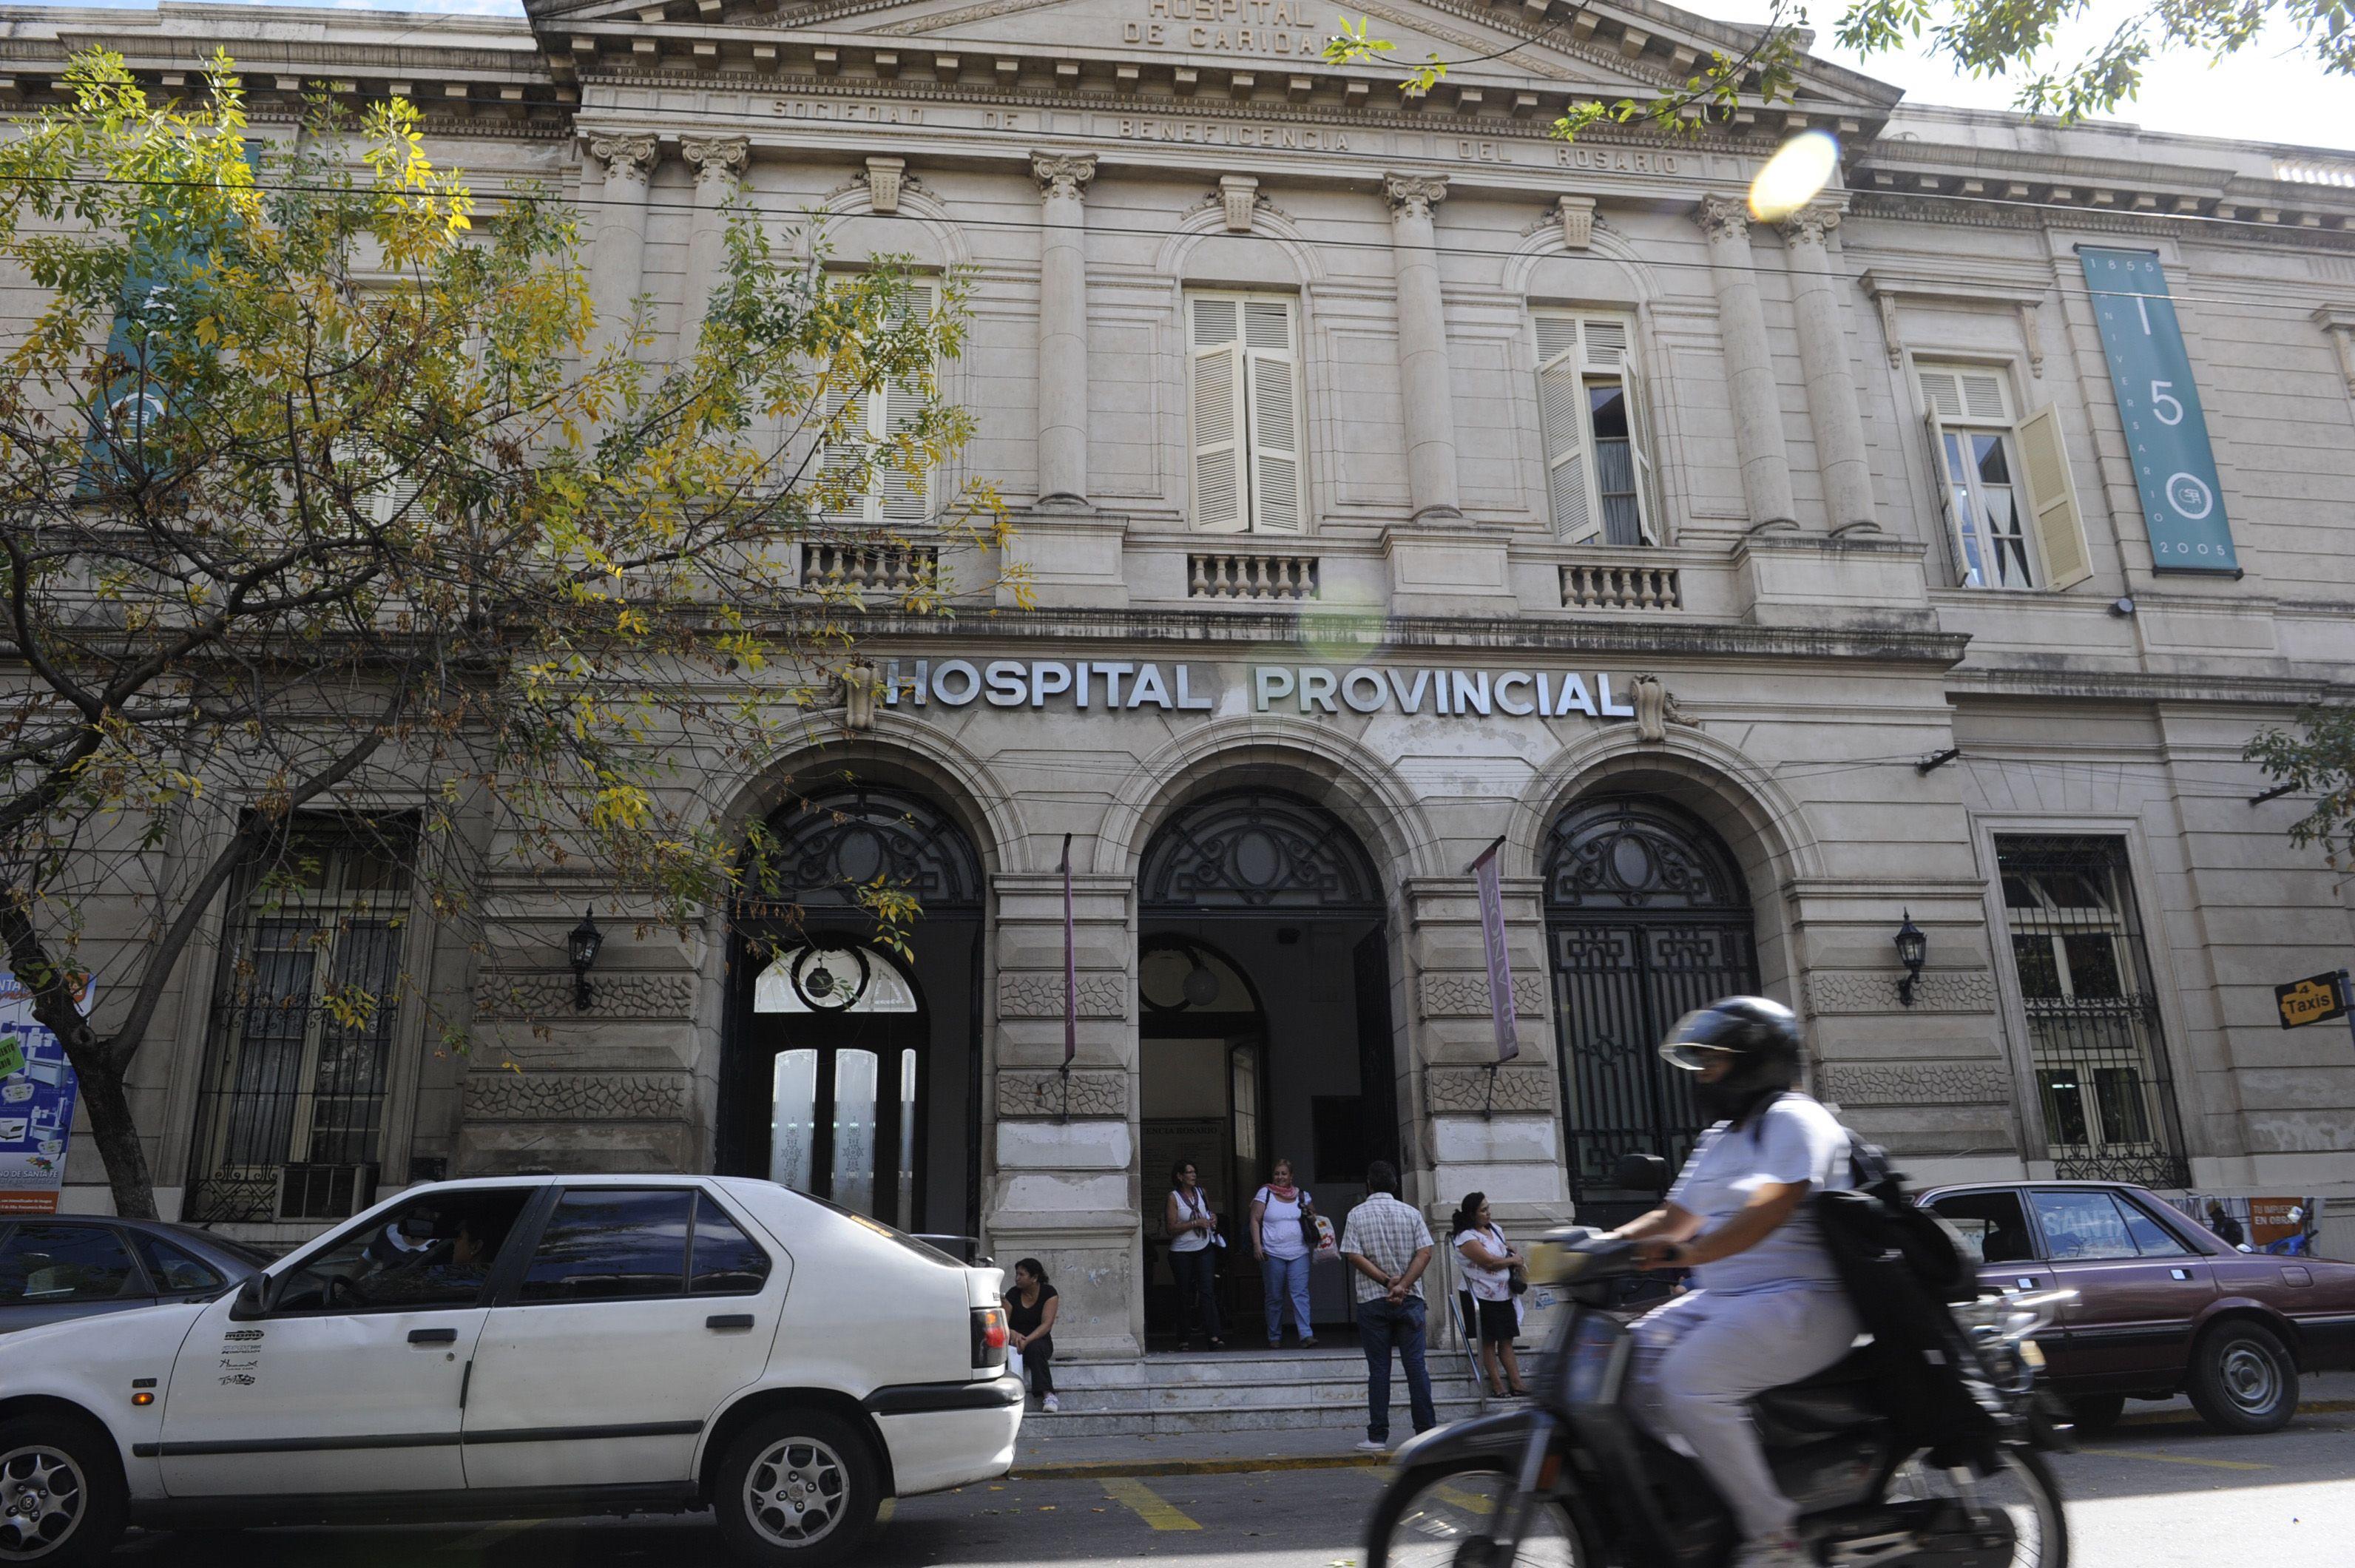 La víctima fue internada en el Hospital Provincial.